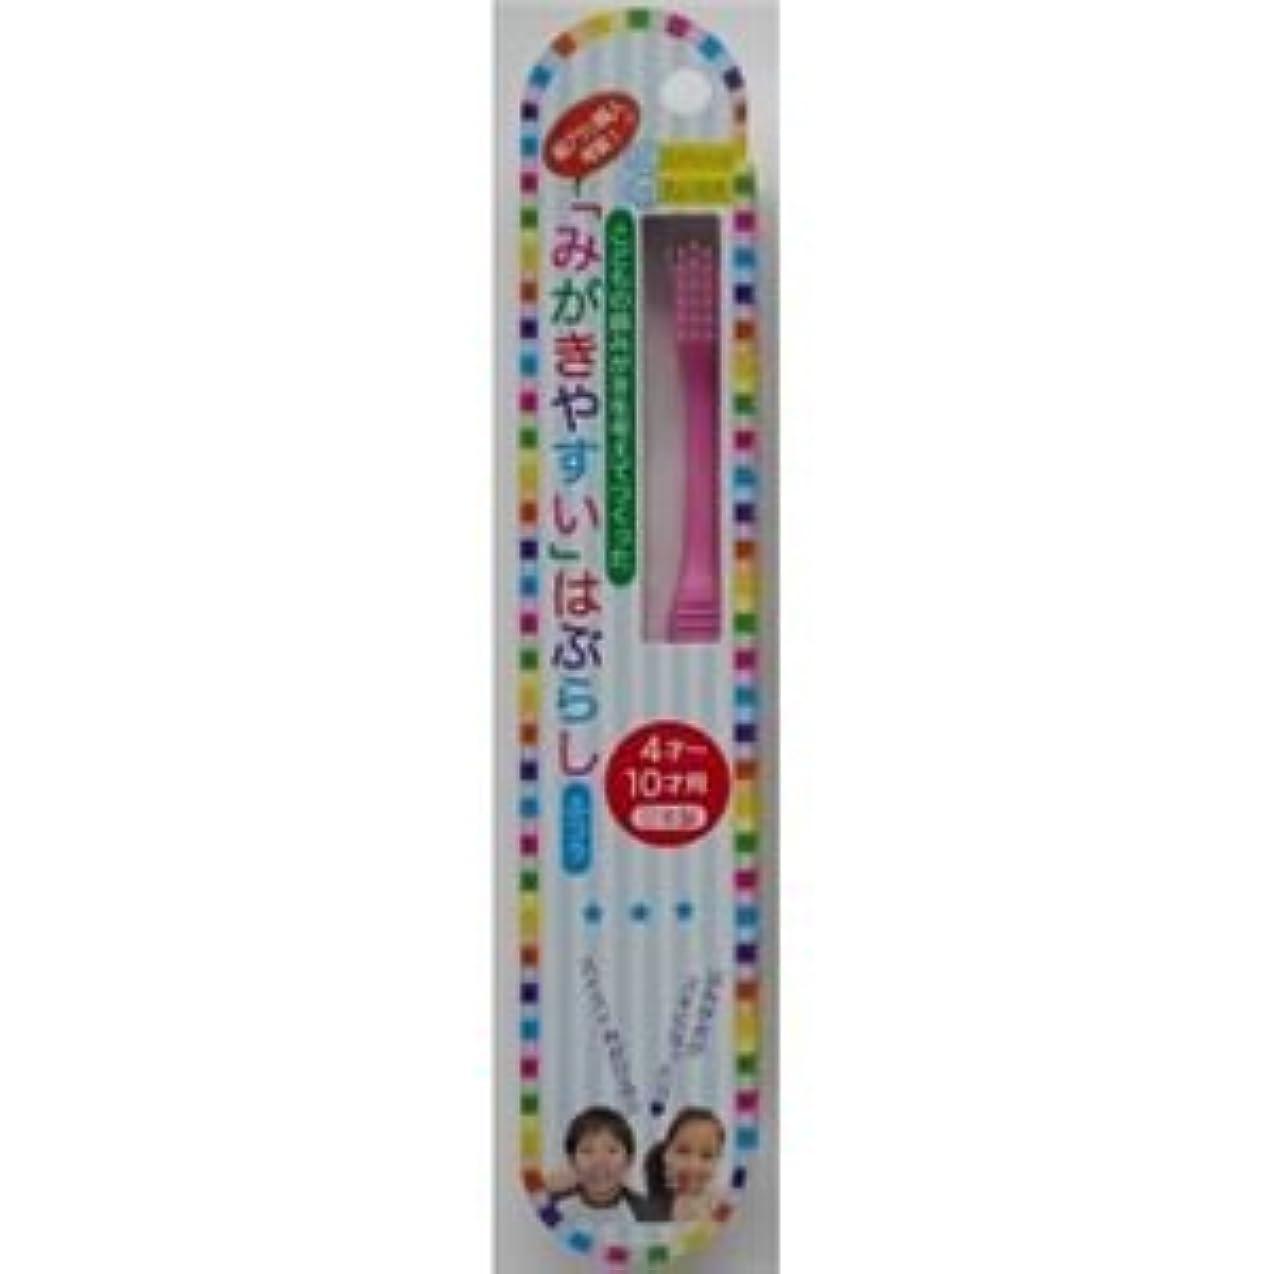 ホールドオールジャンプするシュート(まとめ)ライフレンジ 磨きやすい歯ブラシ LT-10 「磨きやすい」歯ブラシ こども用 【×12点セット】